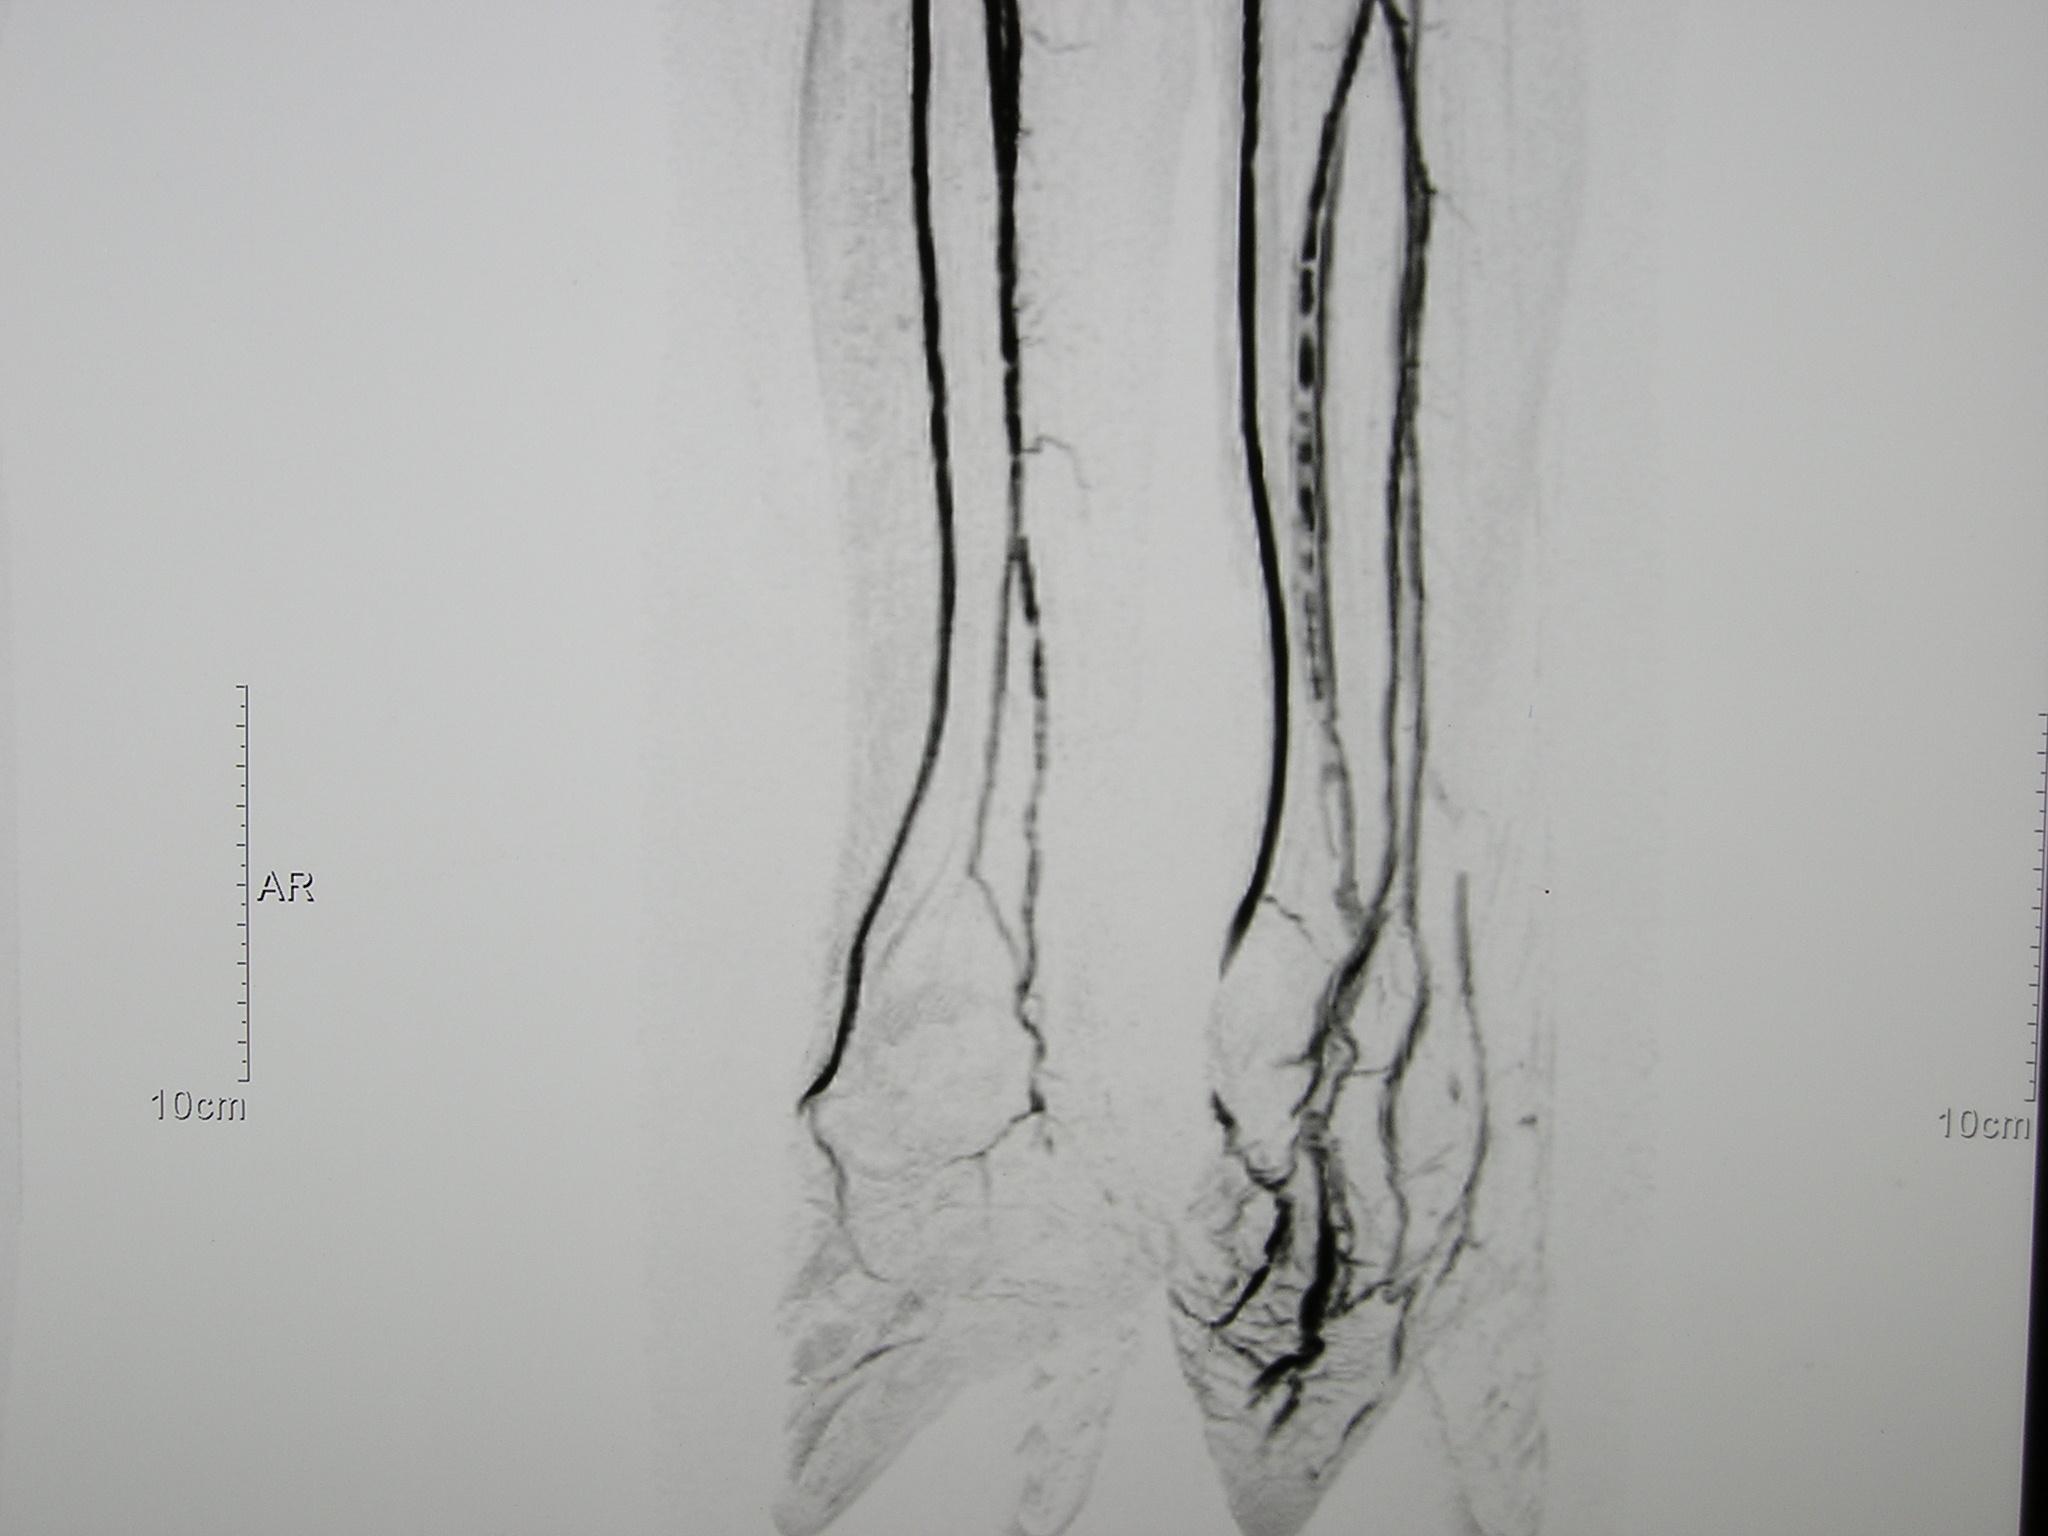 Arteriosklerose Unterschenkel